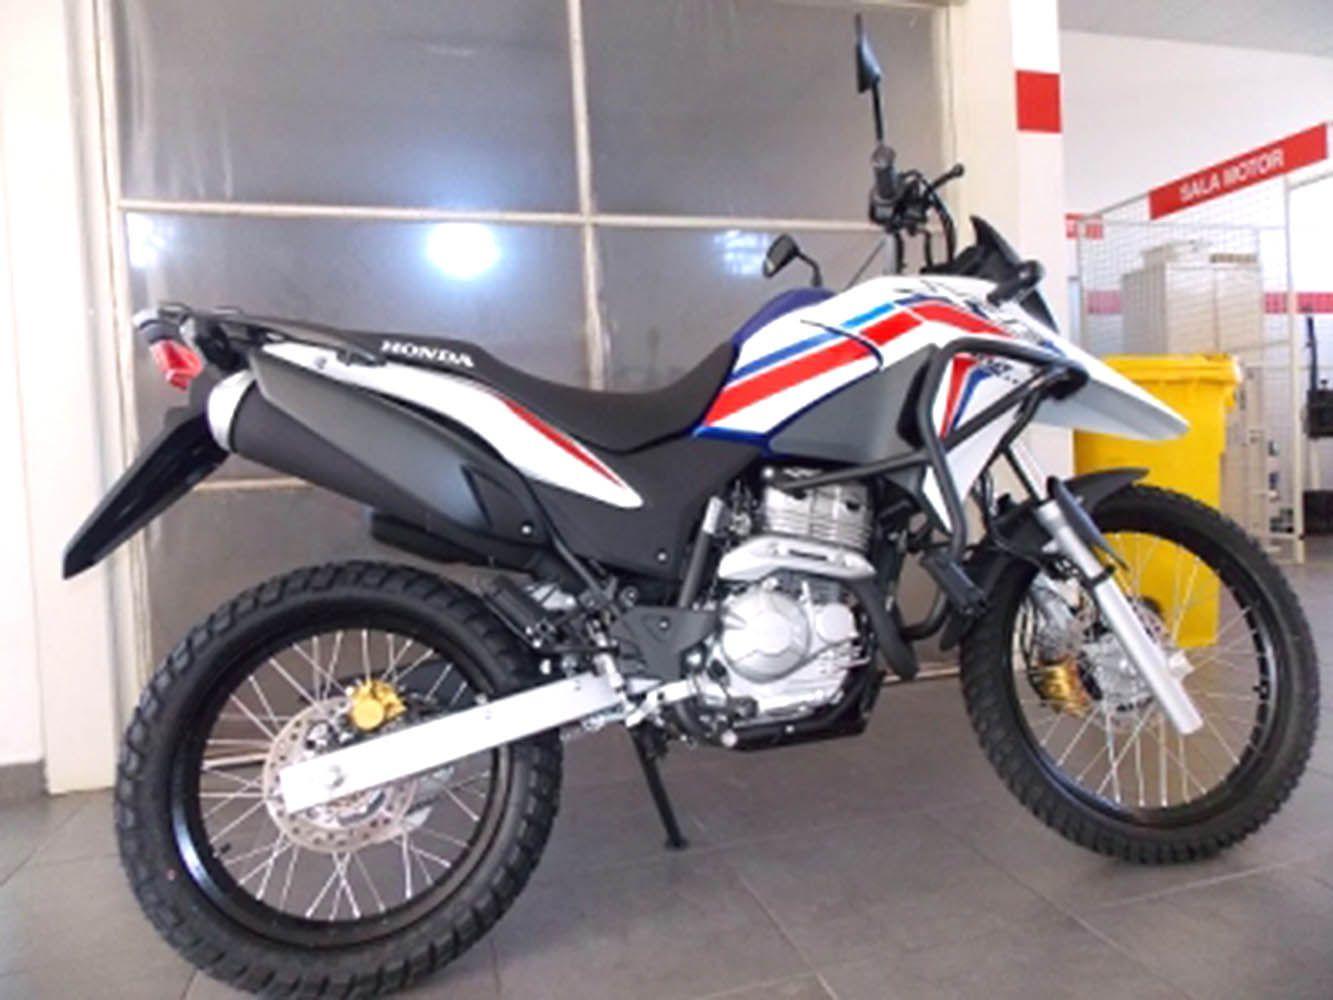 Protetor Carenagem Motor Perna Xre 300 Todas C/pedaleira